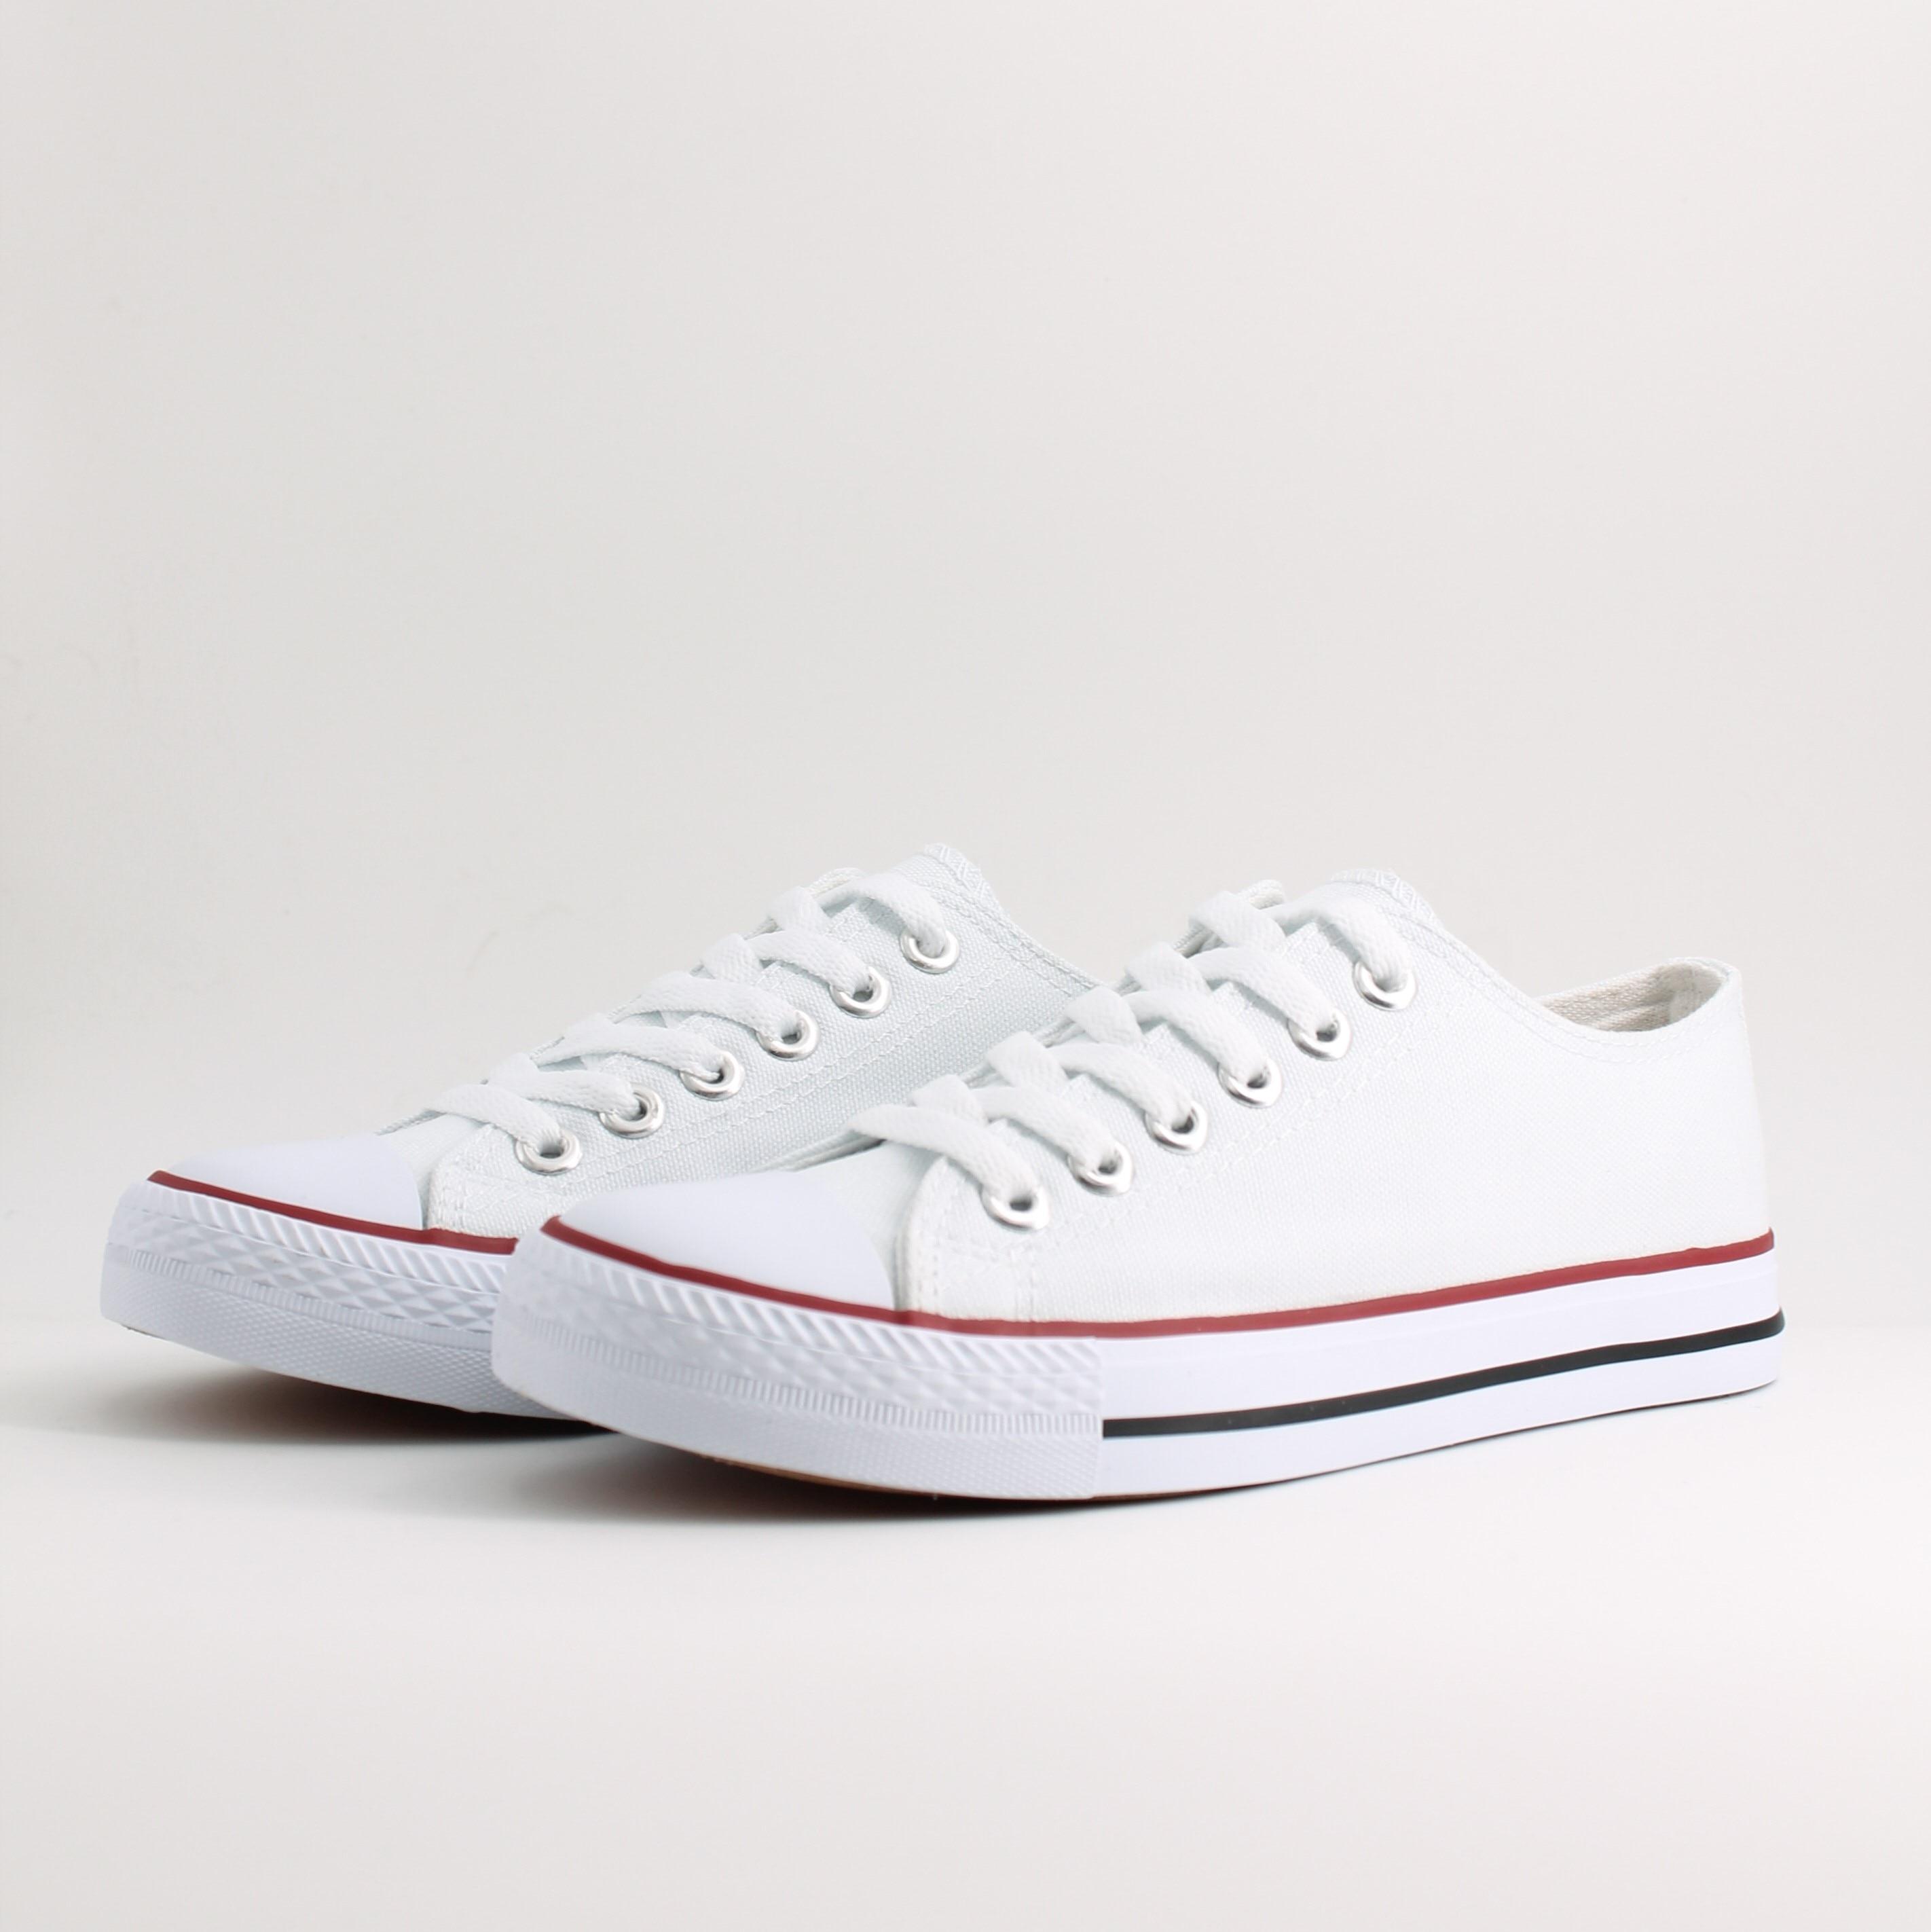 Hemera Studios Zapatillas de Lona Mujer hombre unisex 2020 con Cordones Estilo Casual Nueva Colección calzados canvas multicolor|Zapatos vulcanizados de mujer| - AliExpress